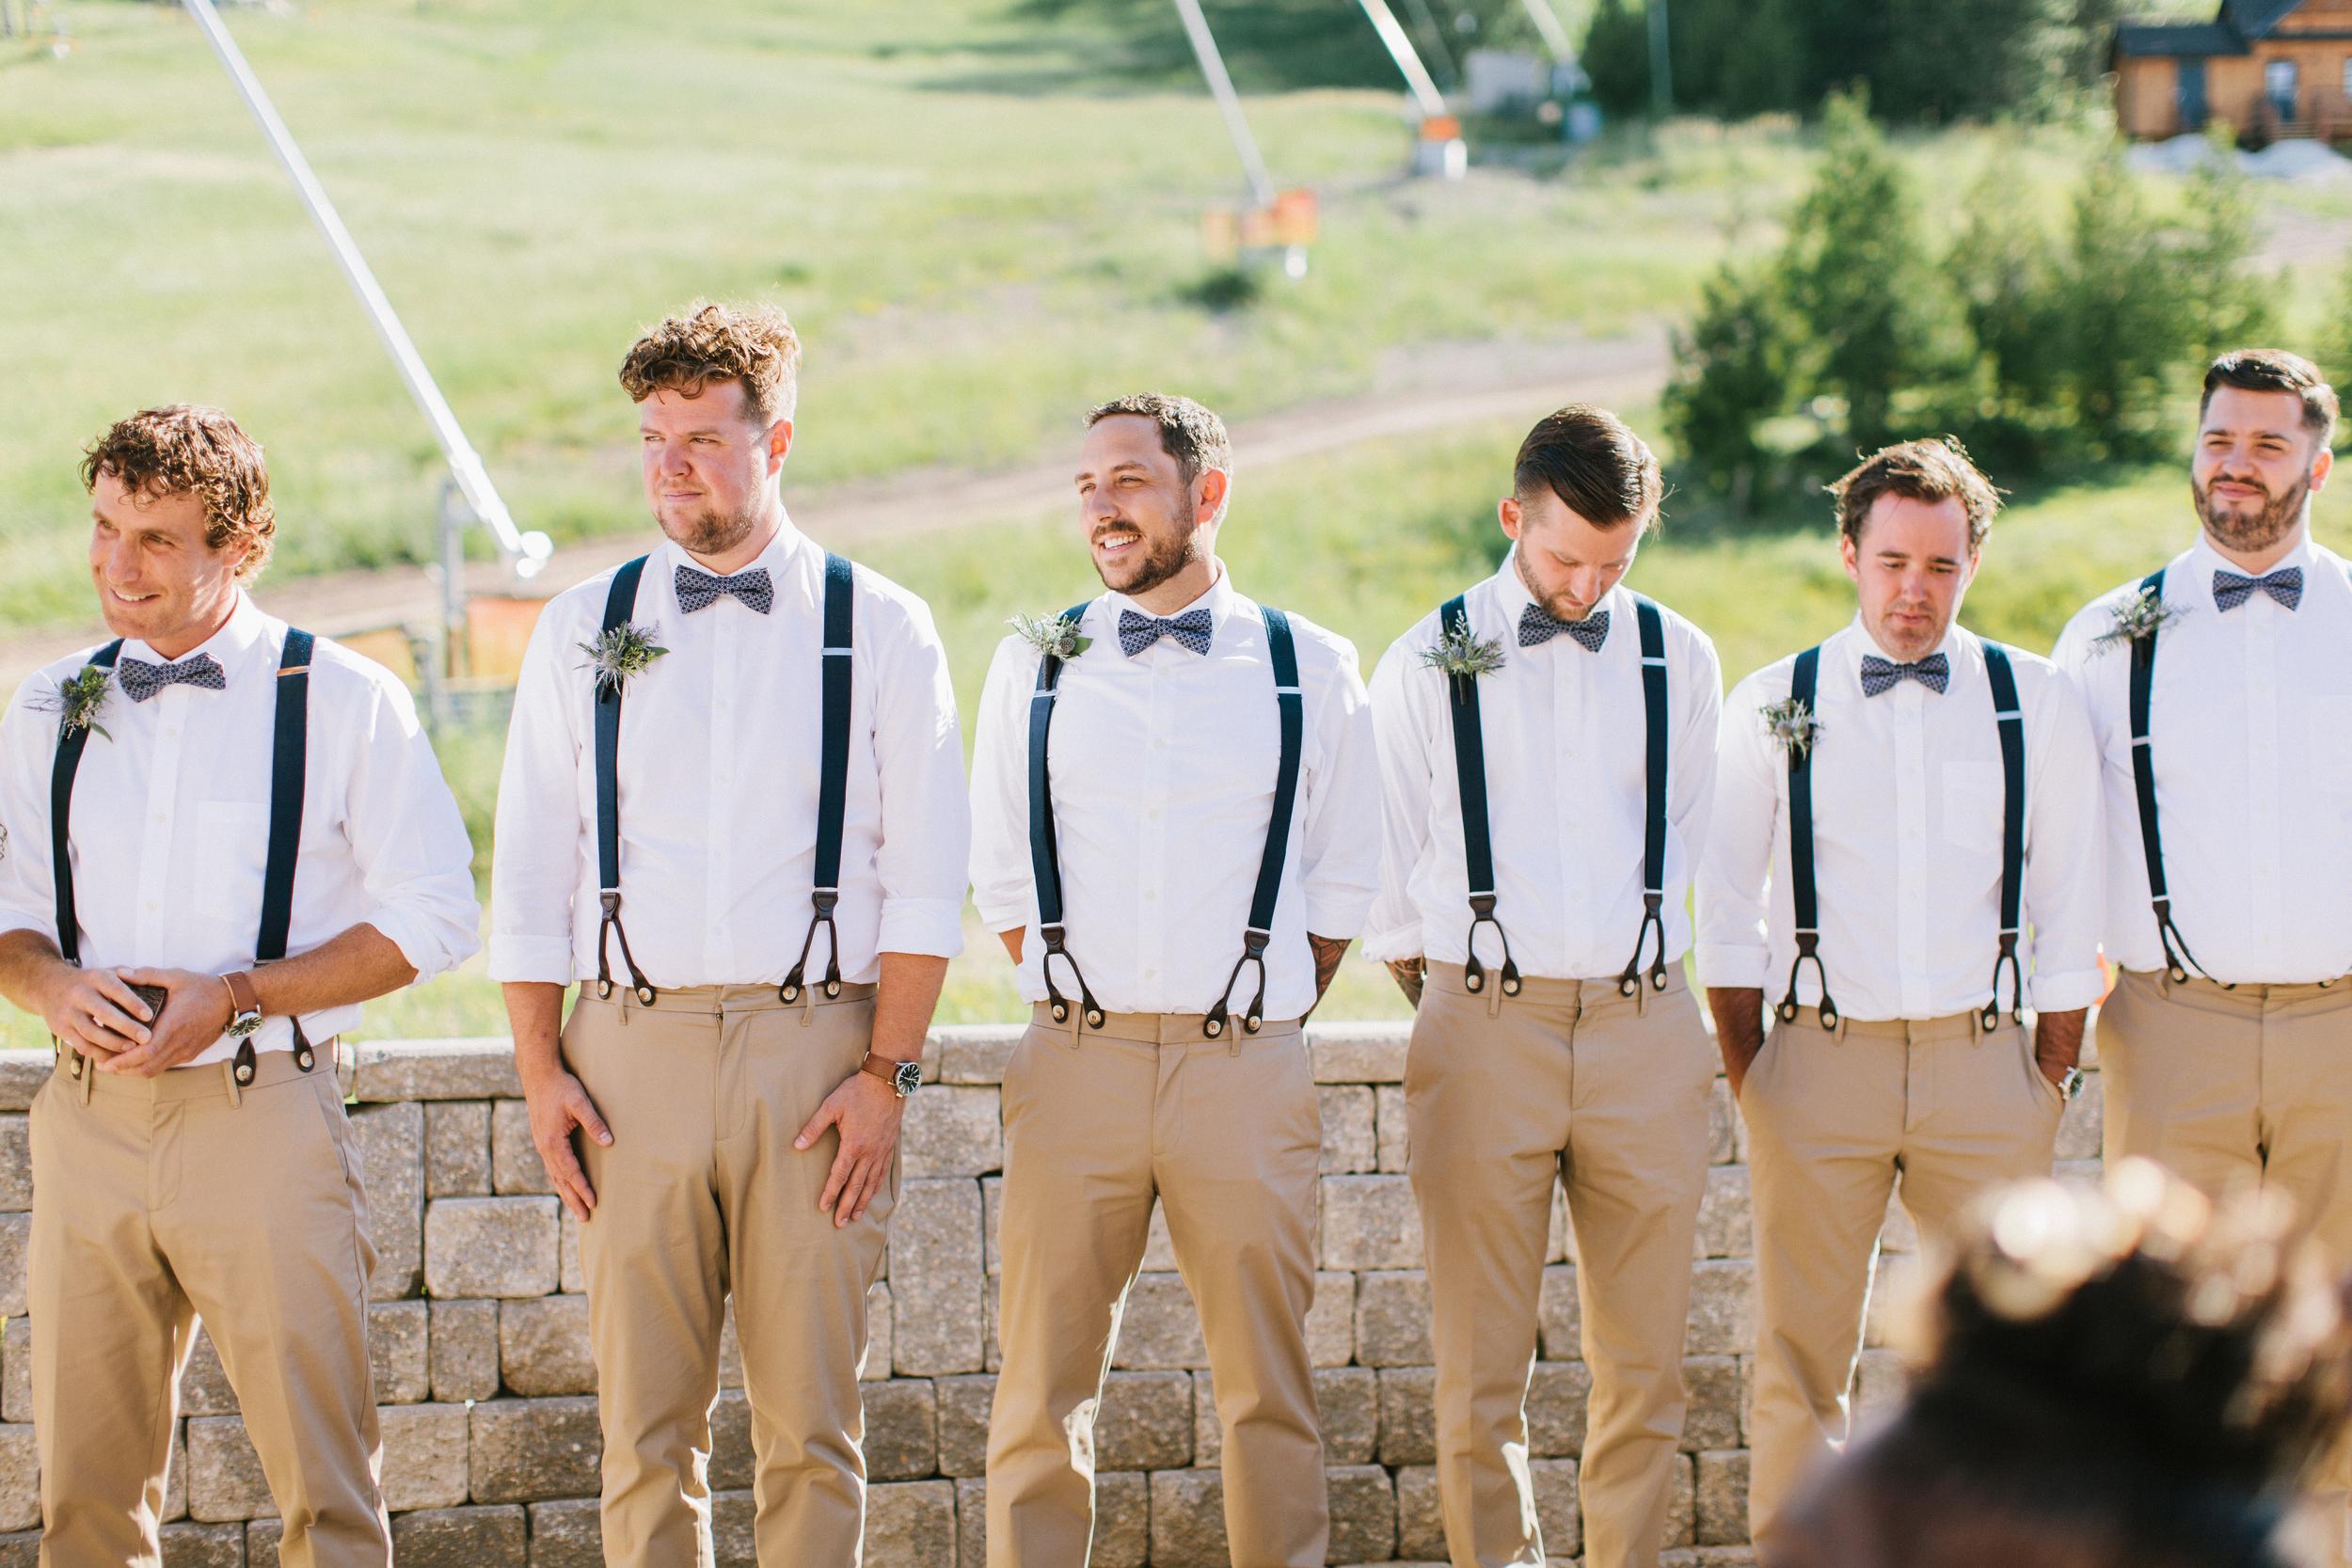 michael-rousseau-photography-shannae-ingleton-wedding-sean-craigleith-ski-club-wedding047.jpg